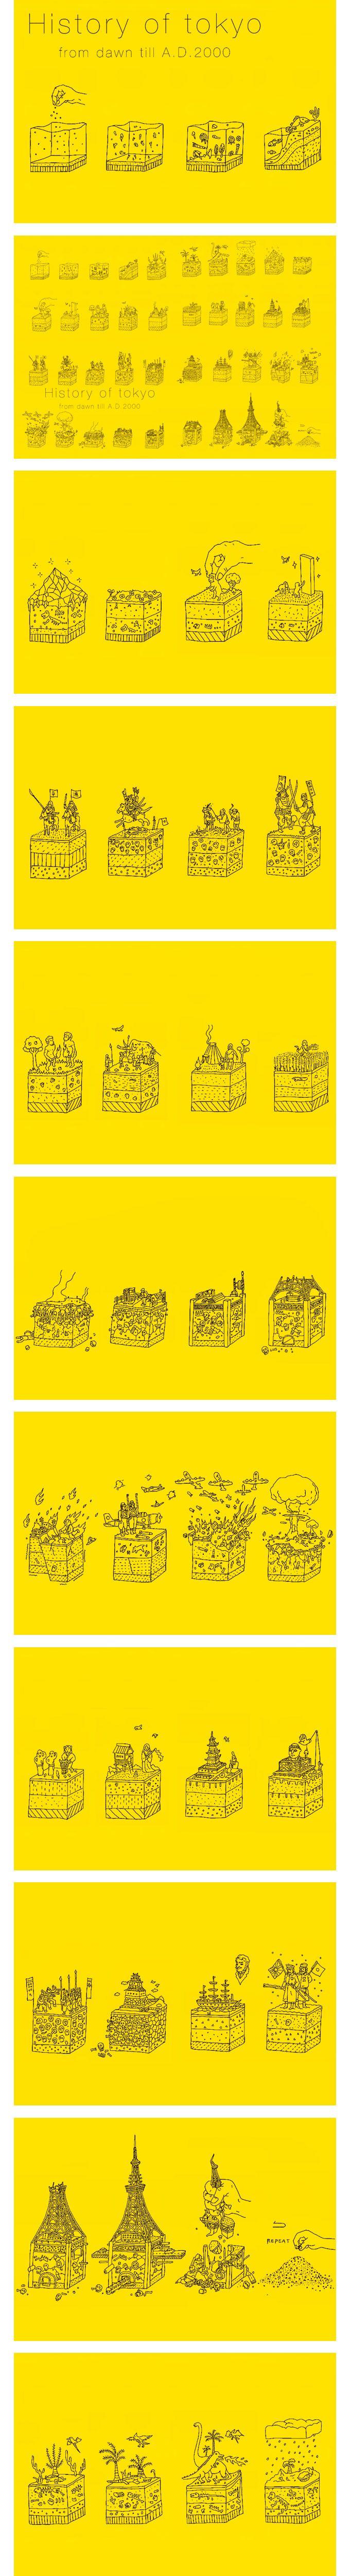 Bunpei Yorifuji: il riassunto illustrato della storia di Tokyo | Japan Coolture